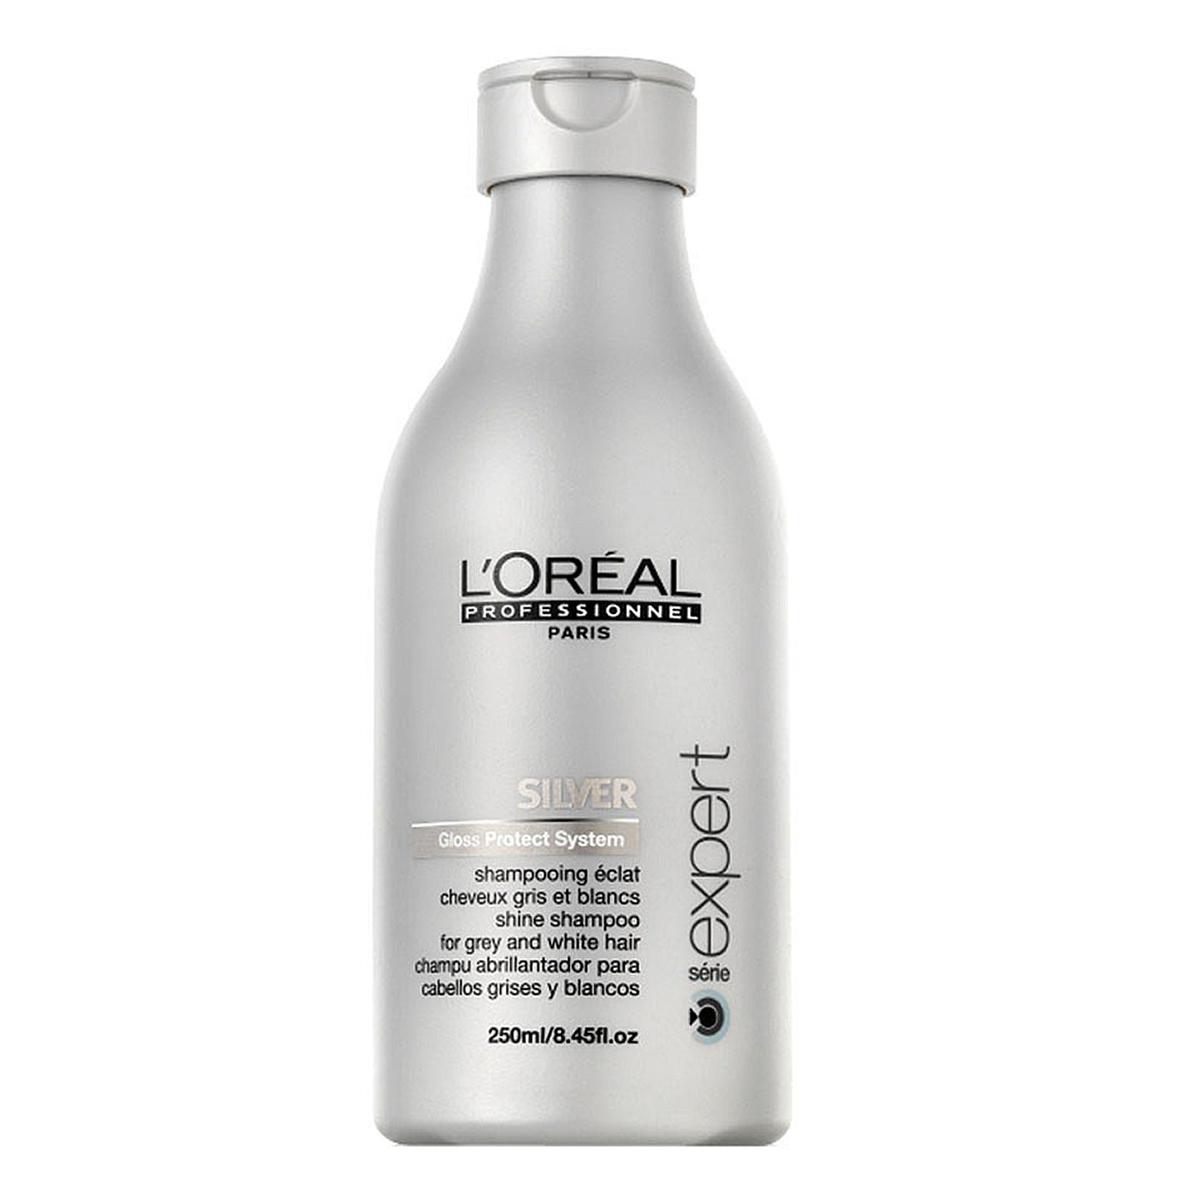 LOreal Professionnel Expert Silver - Шампунь для нейтрализации желтизны 250 млE3002156Шампунь для нейтрализации желтизны Сильвер создан специально для мягкого очищения седых волос. Система Глосс Протект избавляет волосы от желтизны. Богатая формула шампуня содержит: витамины и минералы - увлажняют и питают волосы, восстанавливают гидробаланс кожи головы и работу сальных желез; протеины и керамиды - защищают волосы от ломкости и выпадения; комплекс для блеска - придает волосам естественное сияние и блеск.